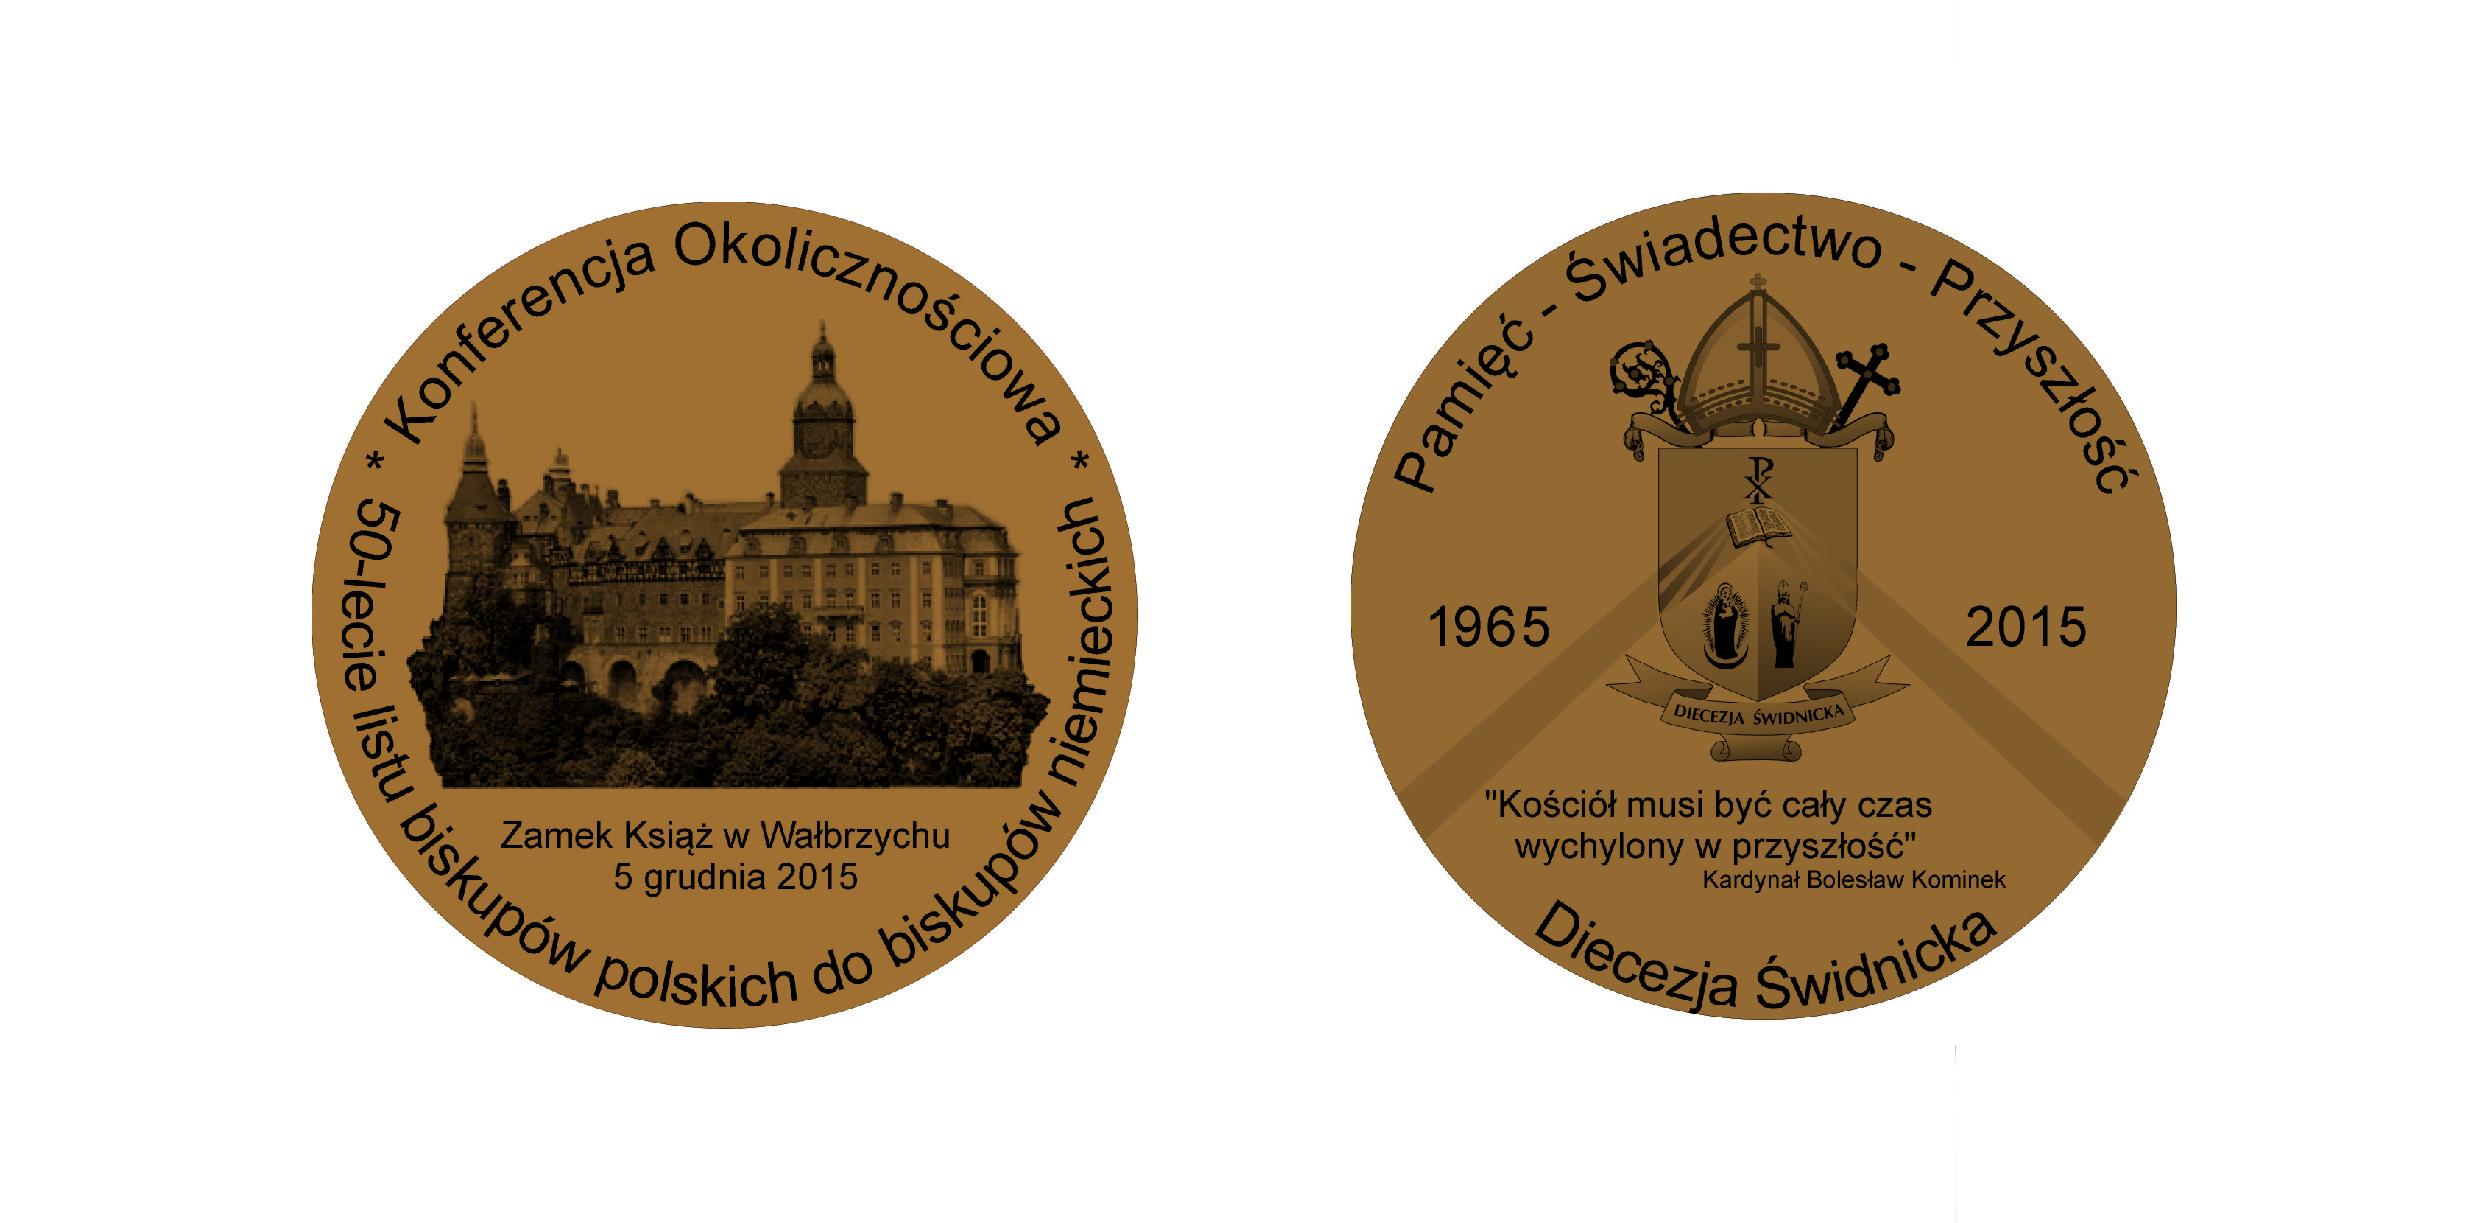 medal_Konferencja_Okolicznościowa_5_grudnia_2015